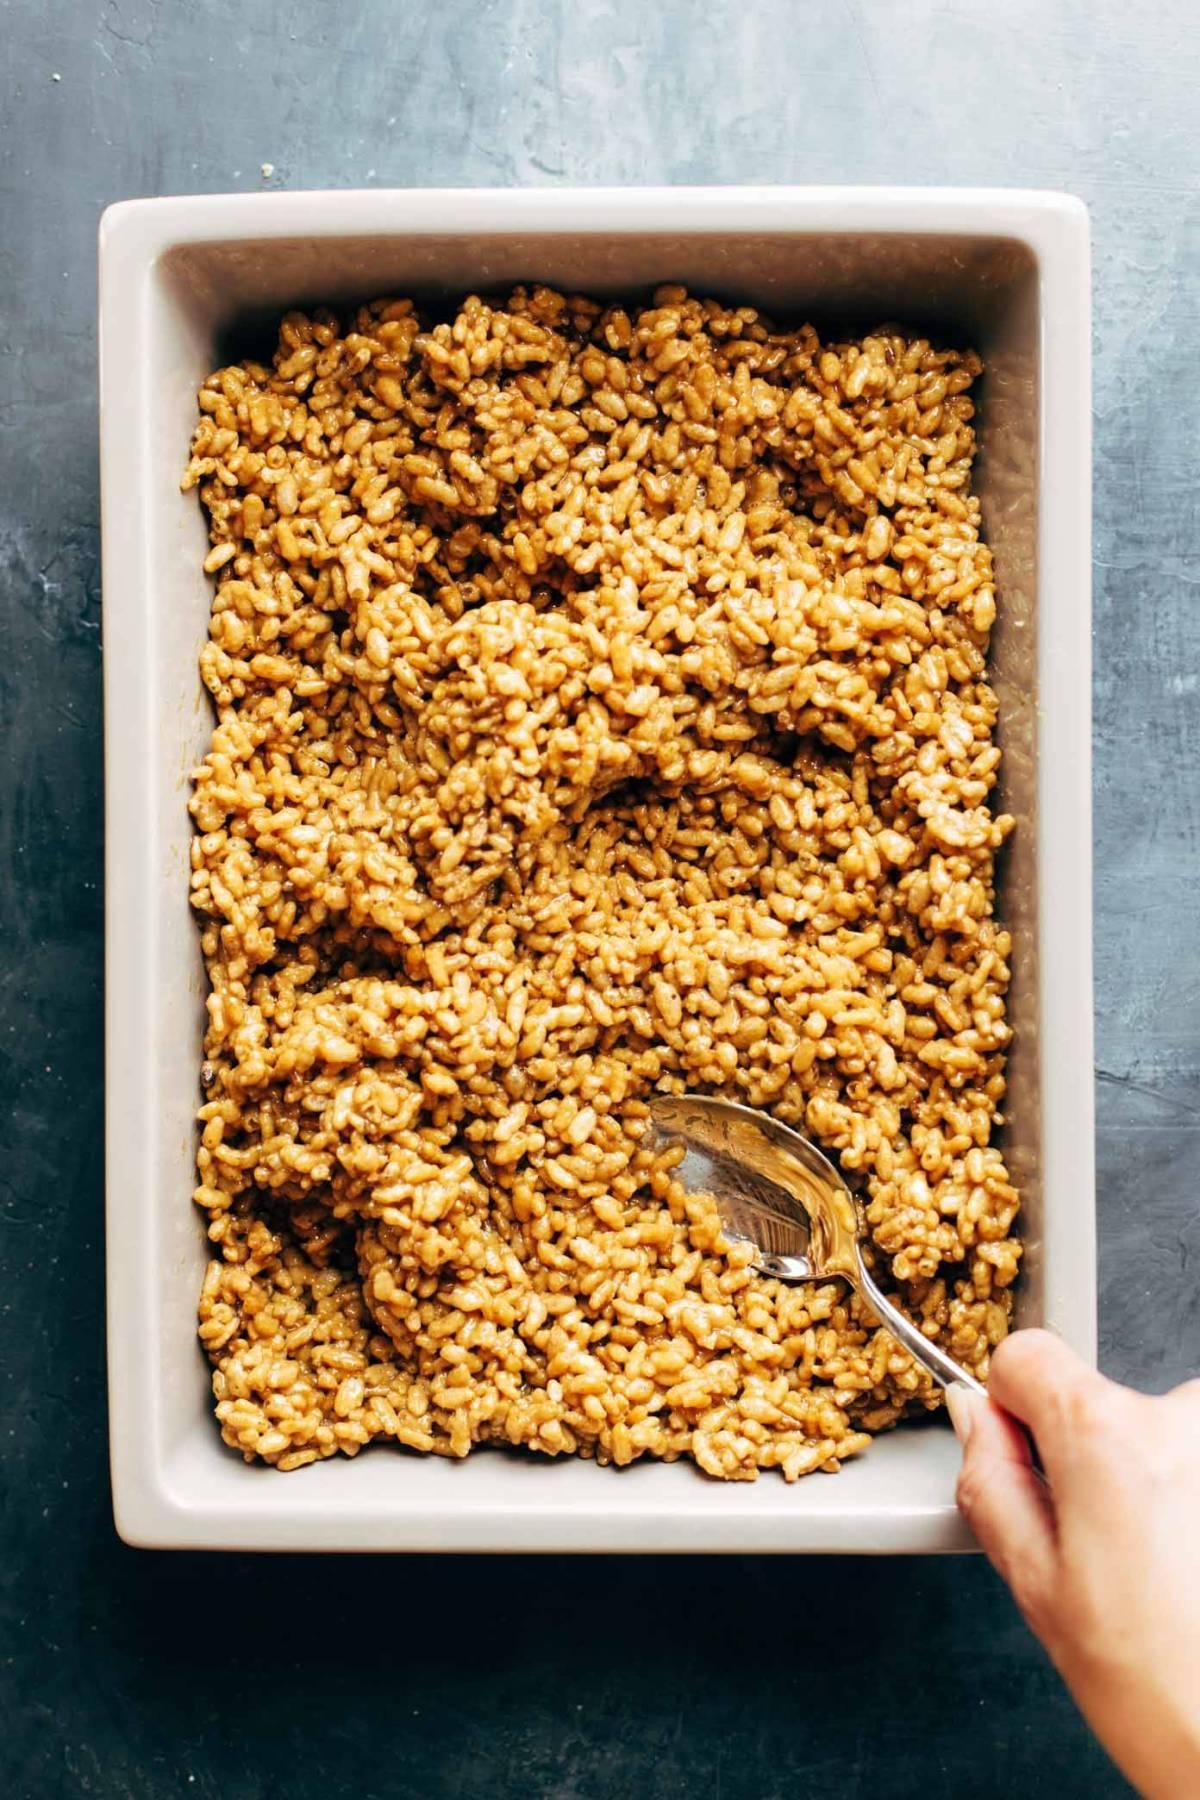 Peanut butter rice krispie bars in a pan.